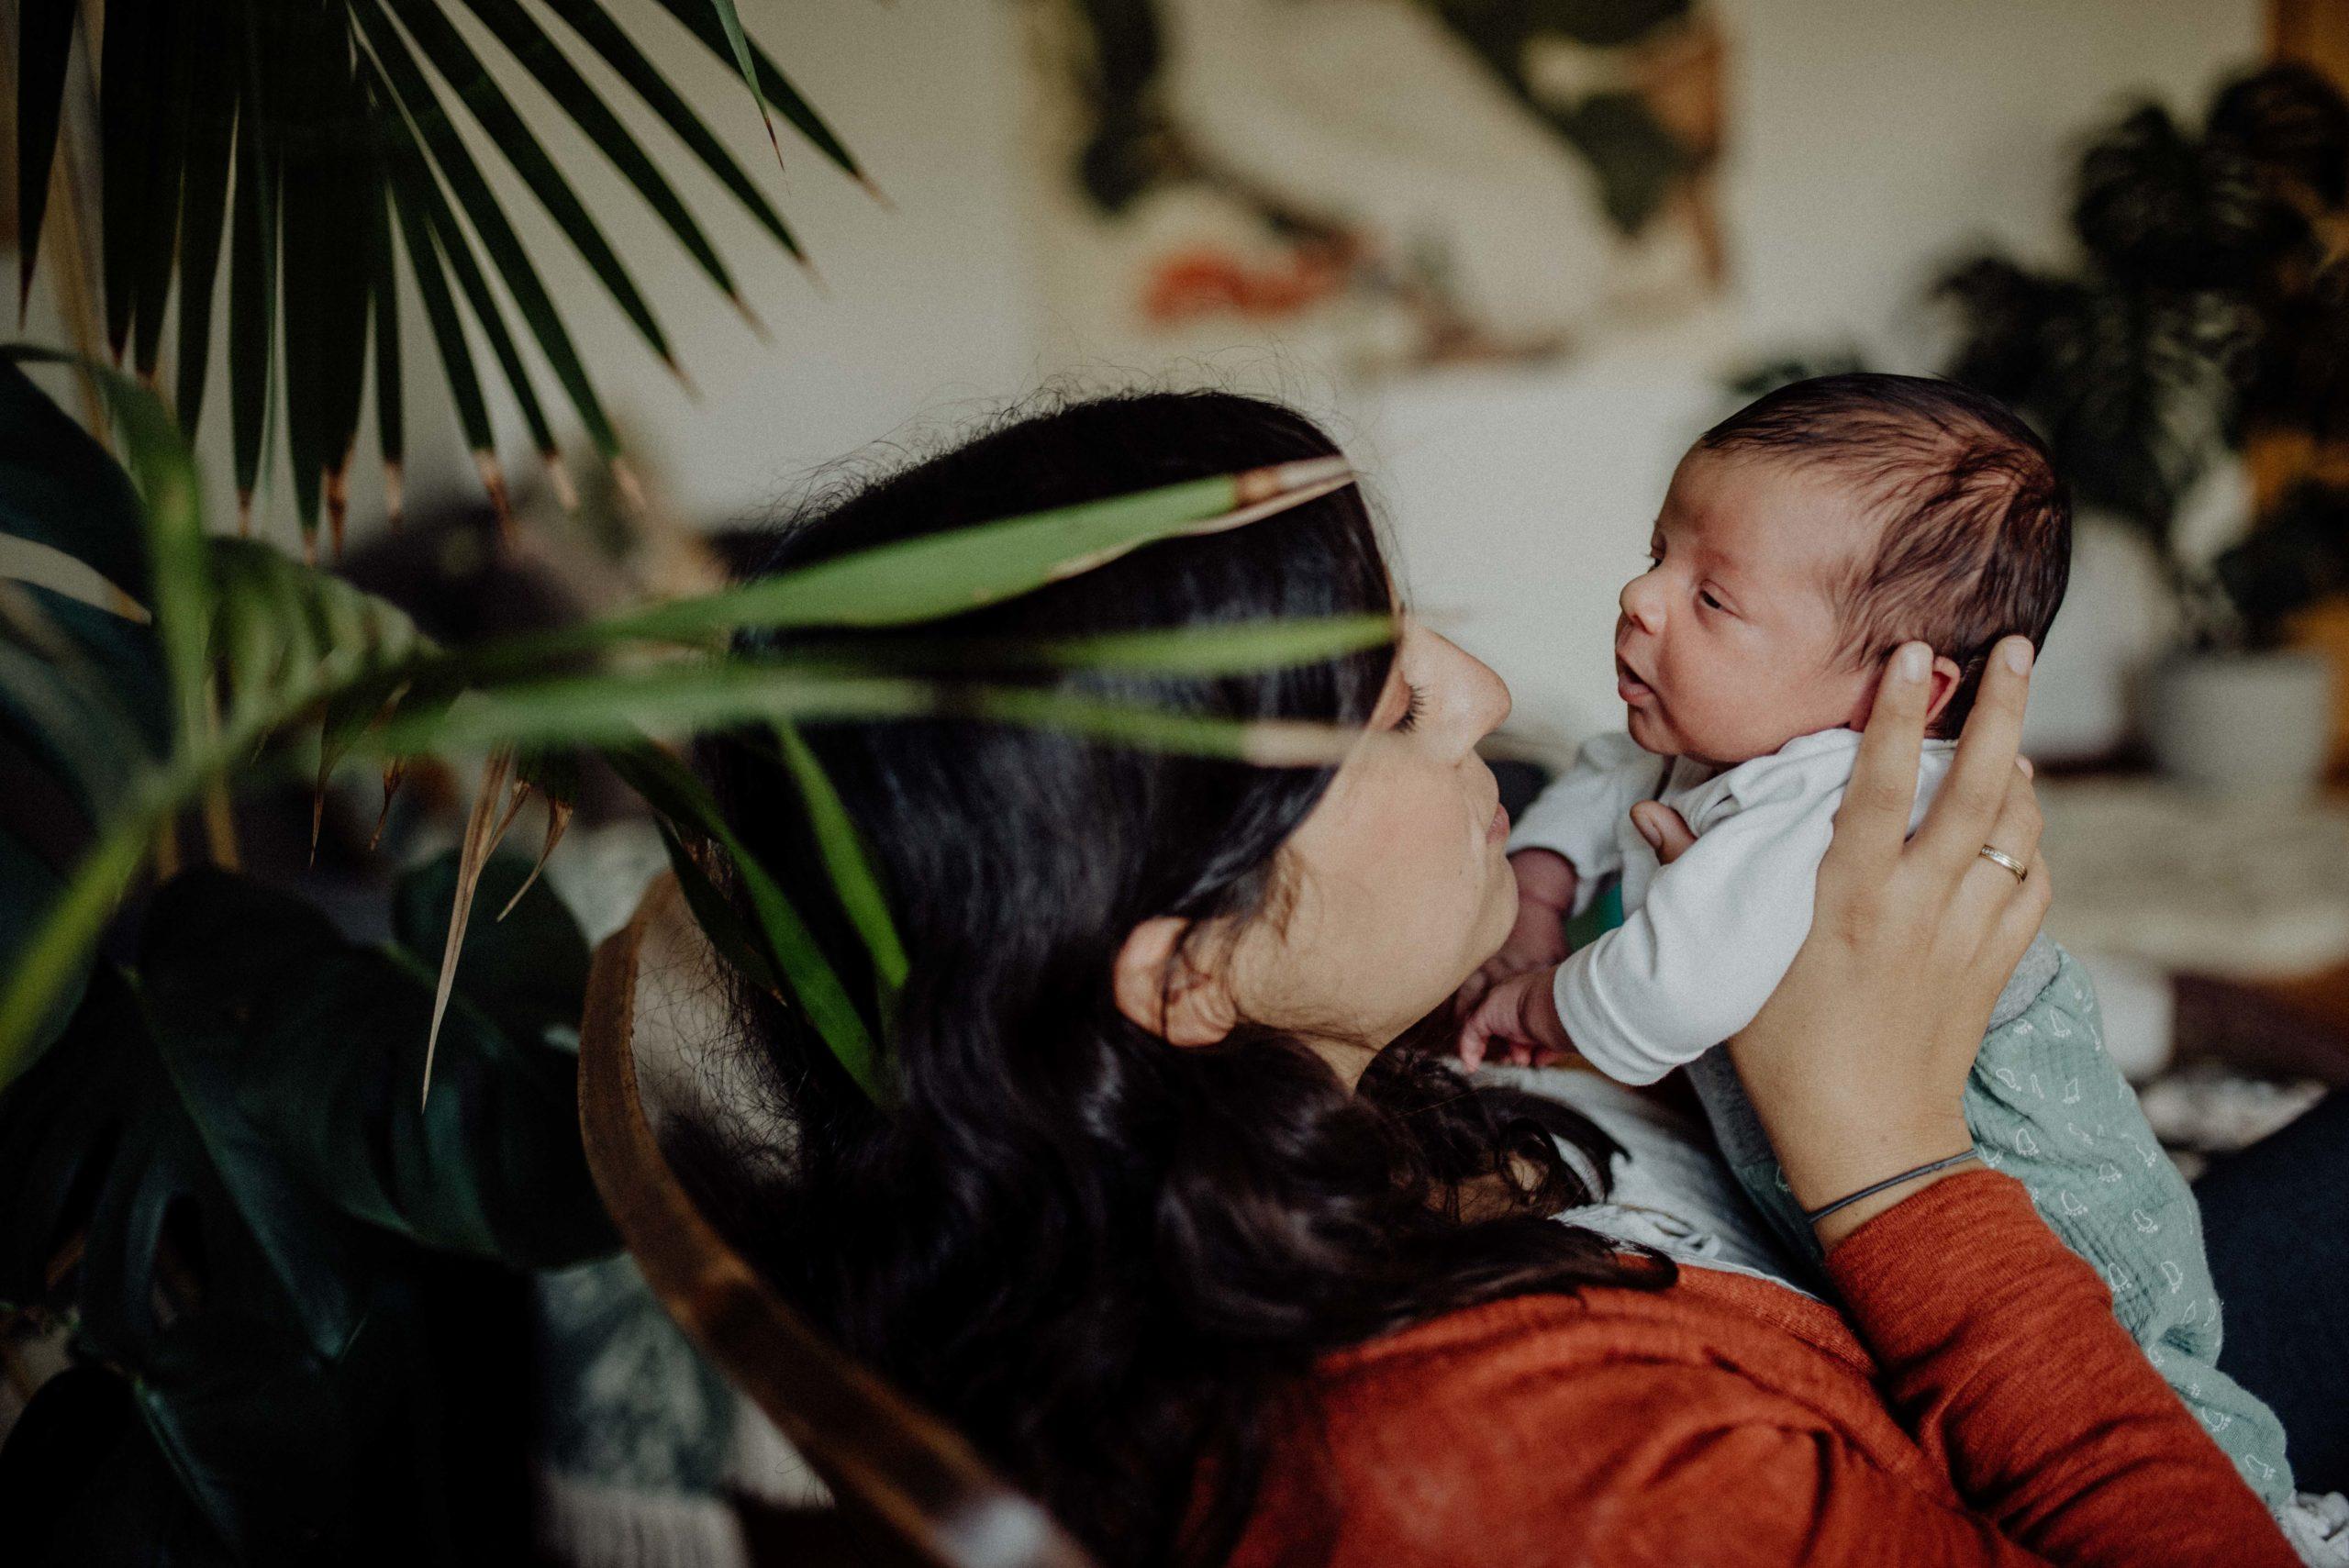 Mama und Baby im Schaukelstuhl sehen sich an.